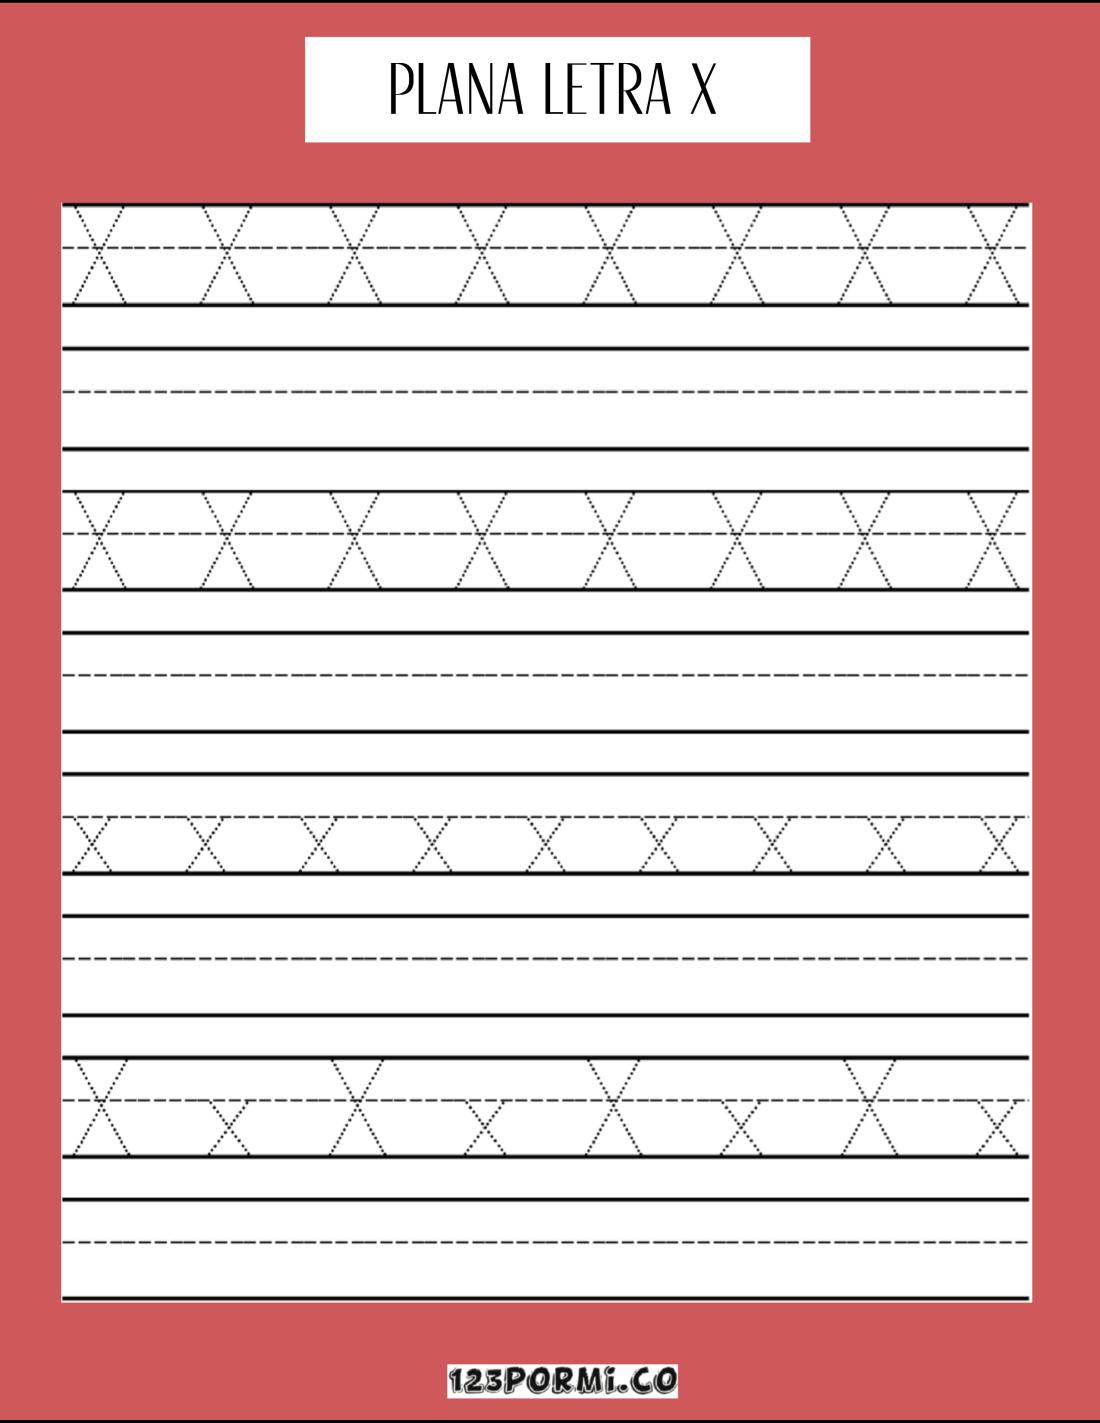 Plana letra x_Mesa de trabajo 1